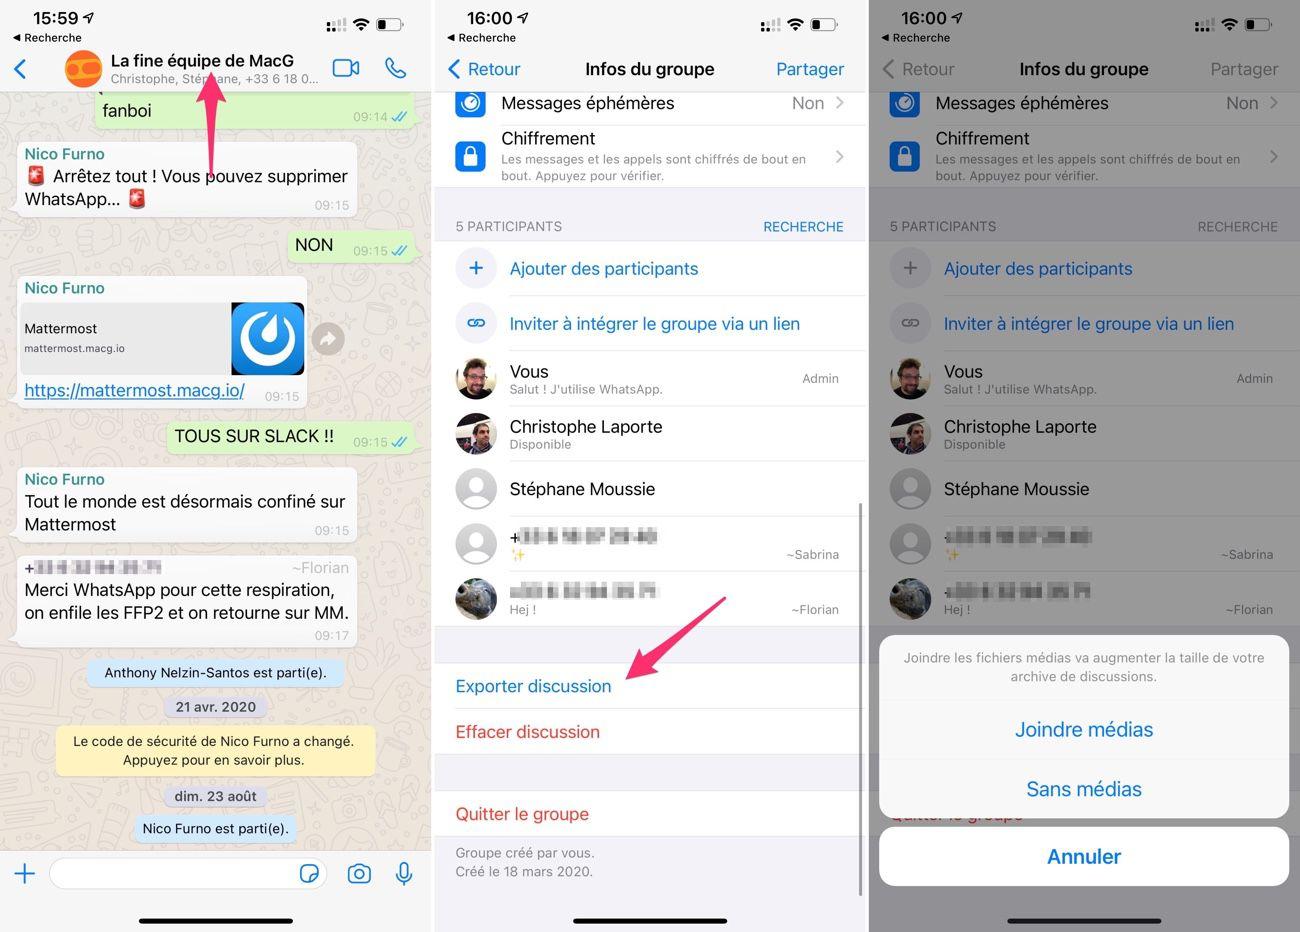 La majorité des utilisateurs de Whatsapp ont déclaré qu'ils n'utiliseraient pas les